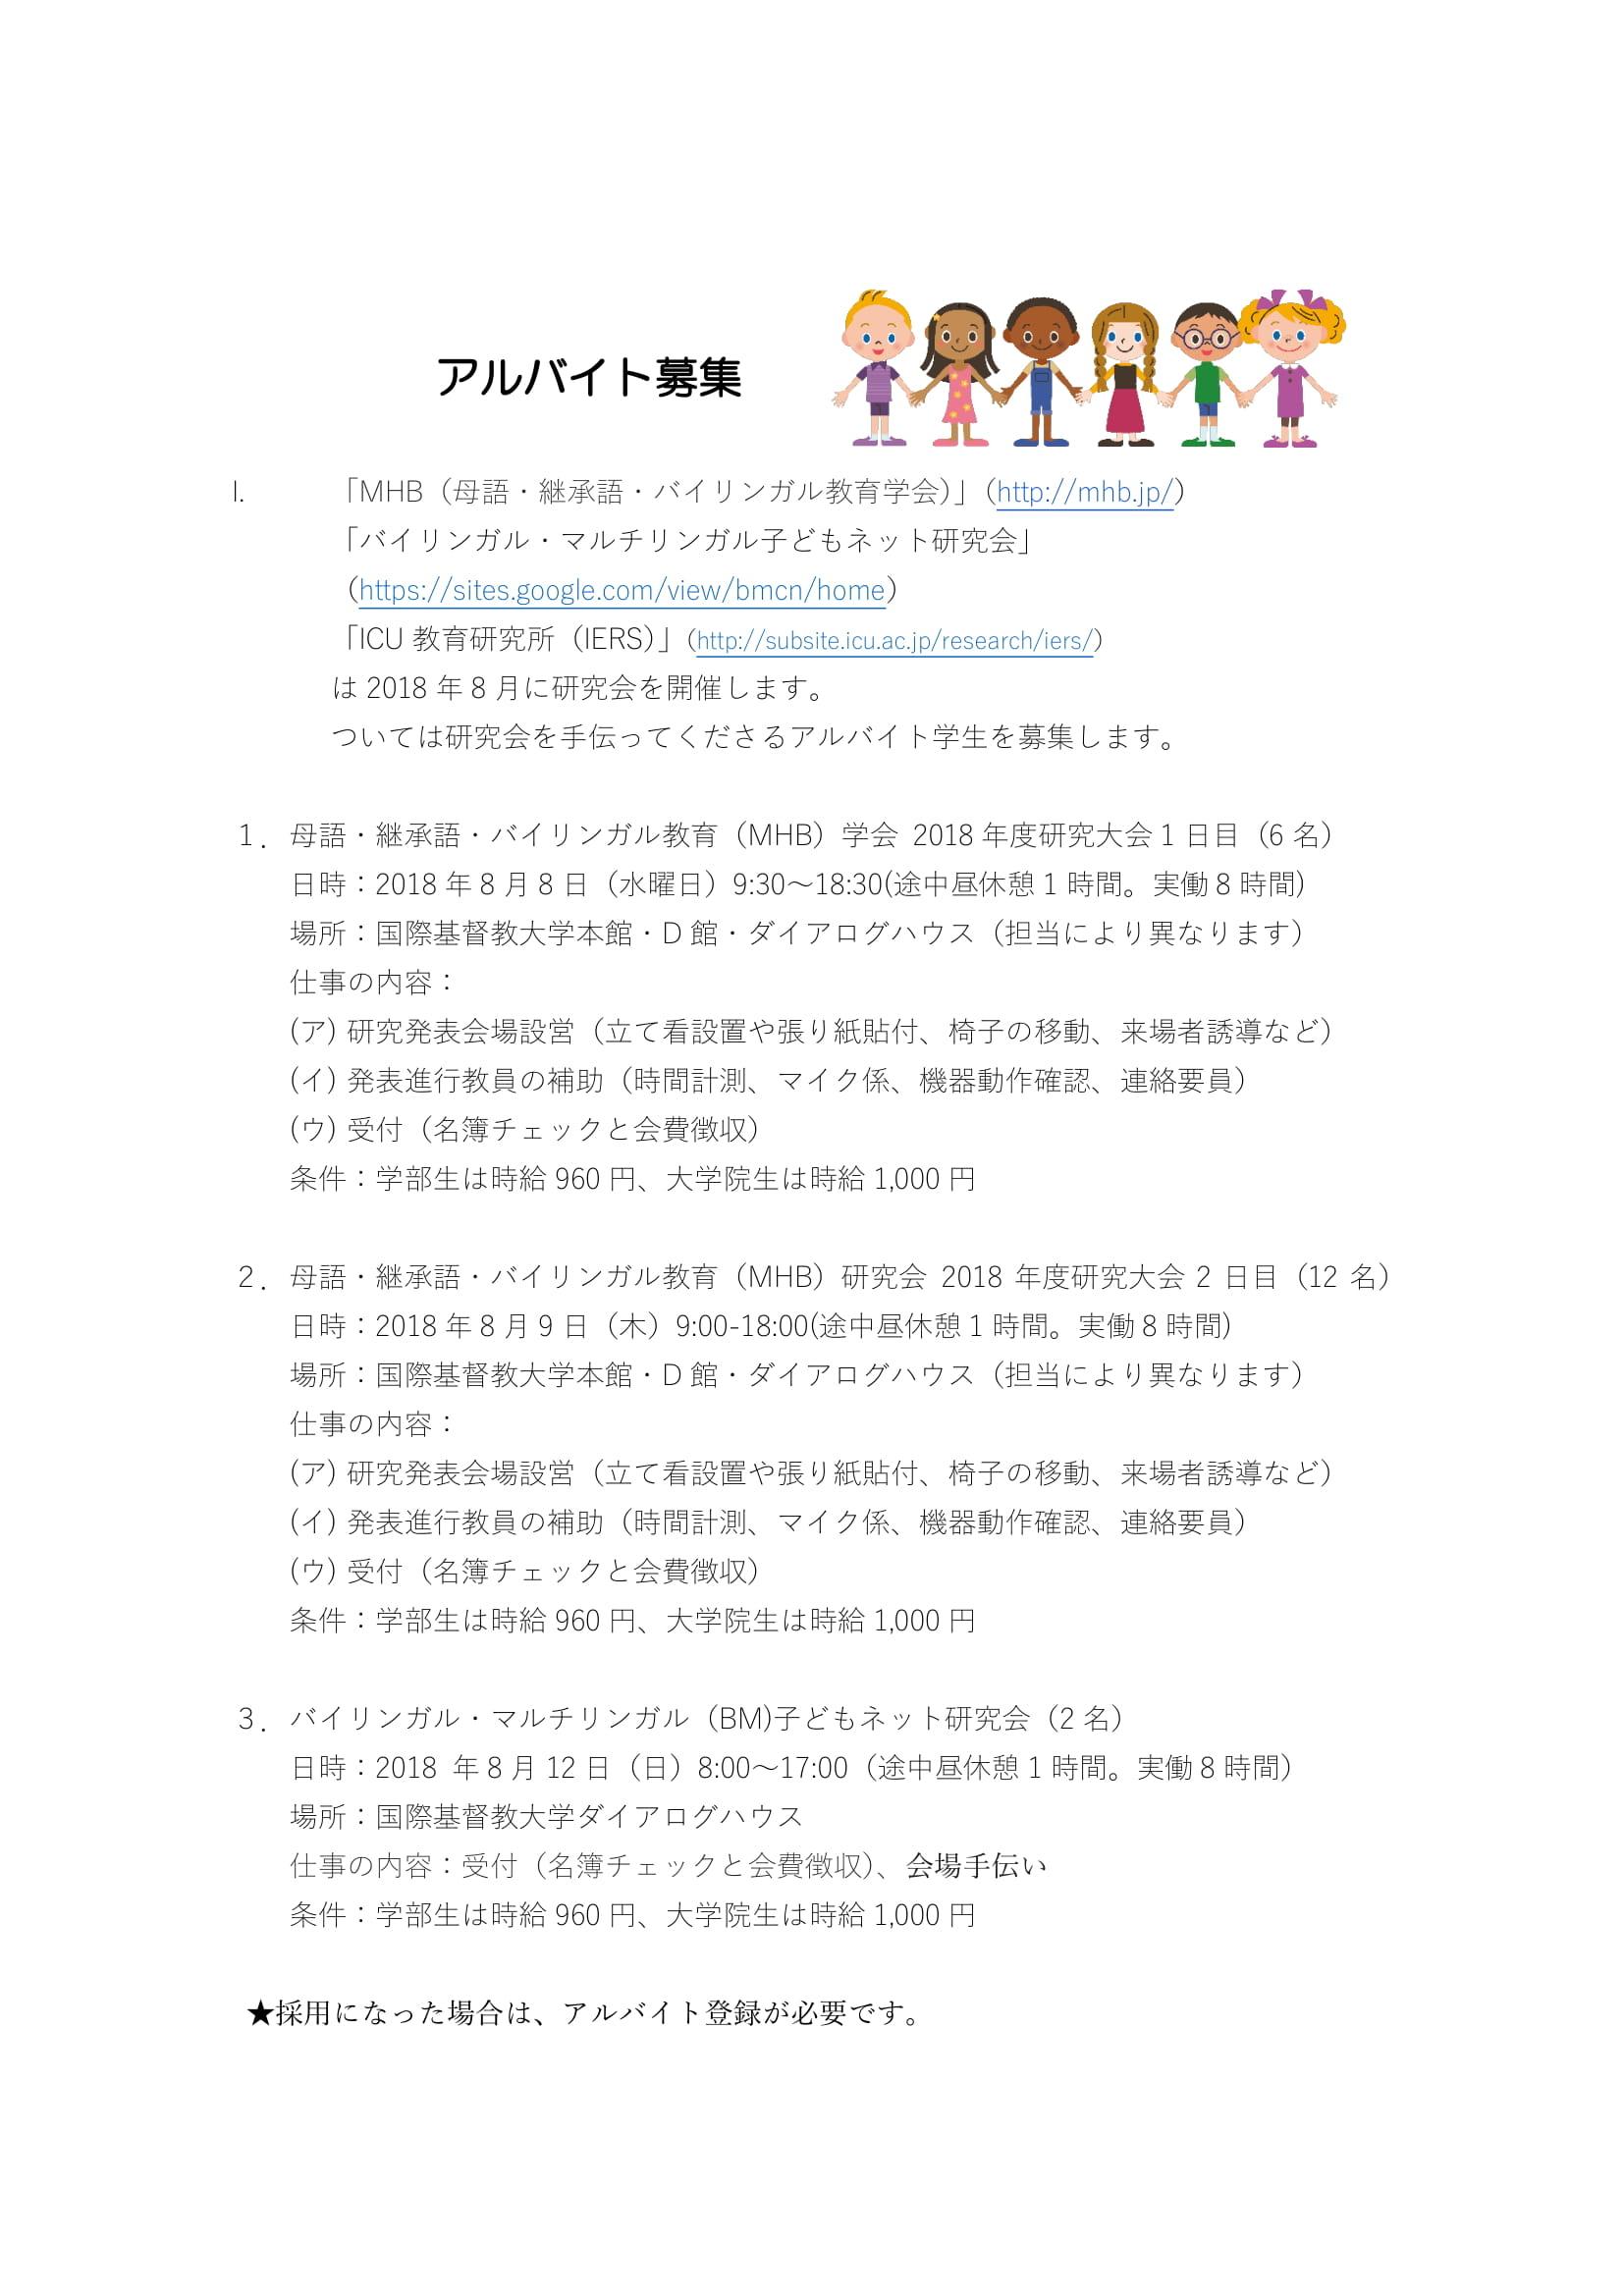 MHB_BMCN2018アルバイト募集ポスターoz0611-1.jpg